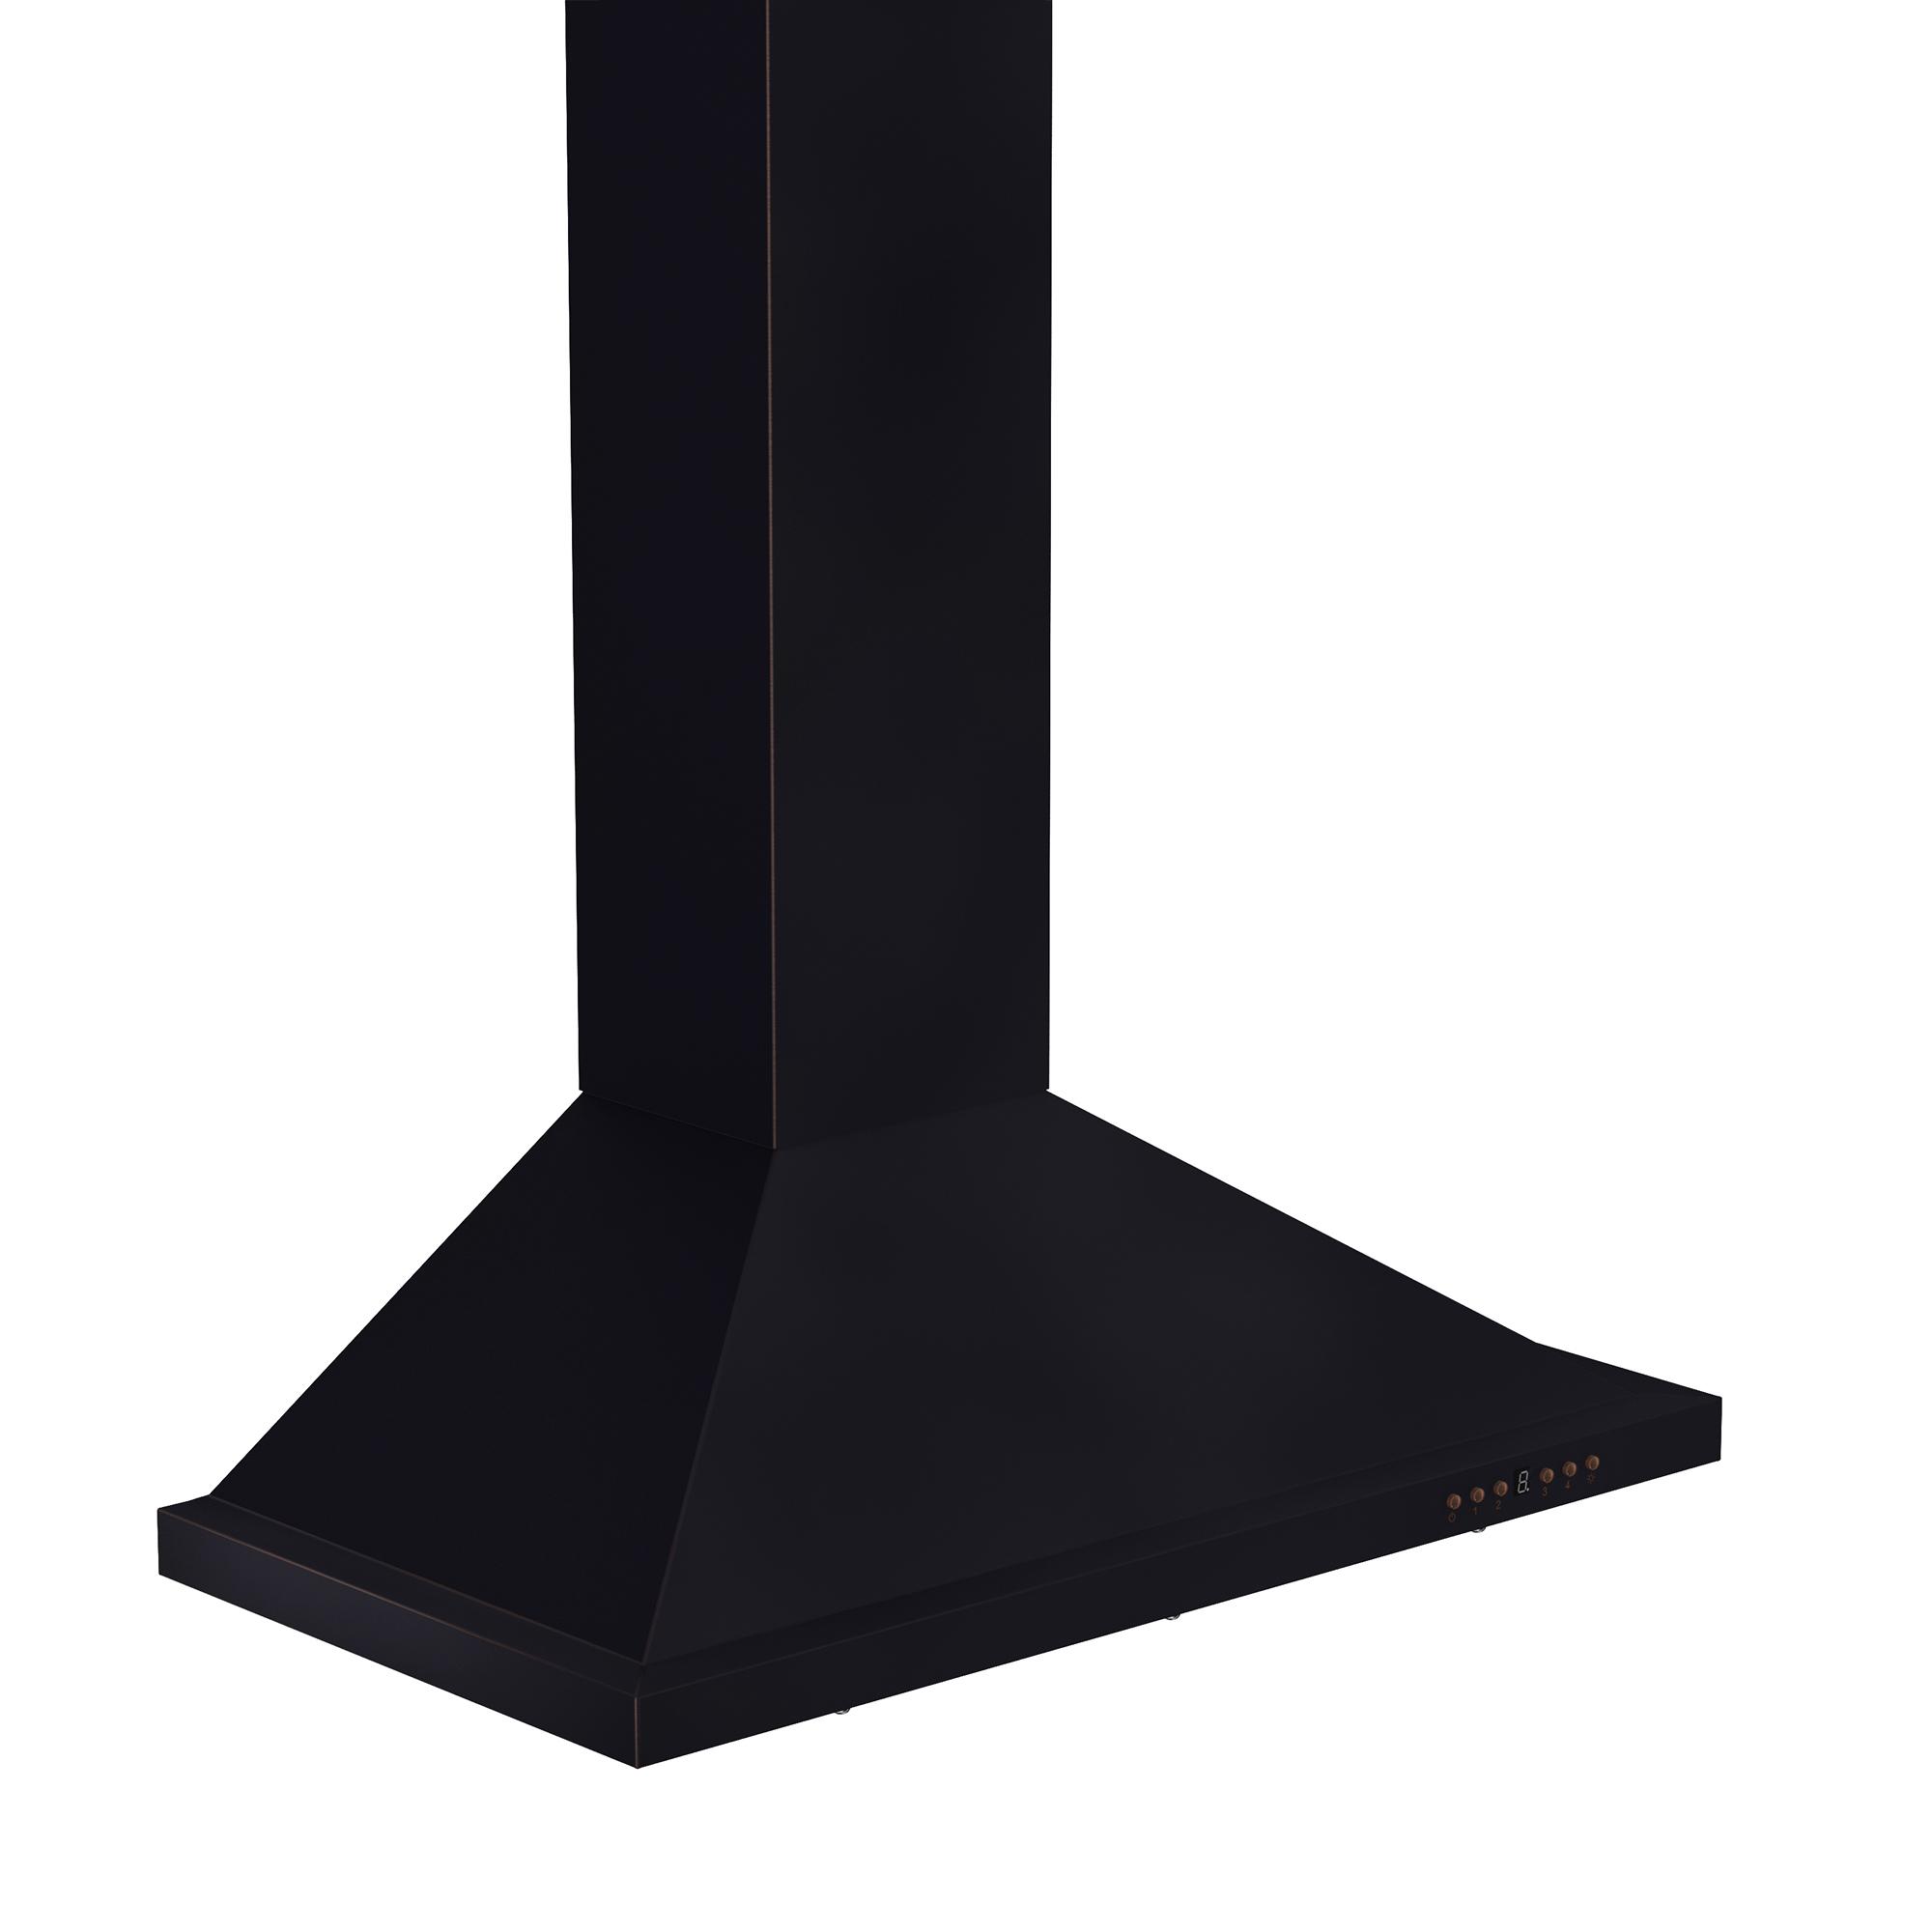 zline-copper-wall-mounted-range-hood-8KBB-top.jpg